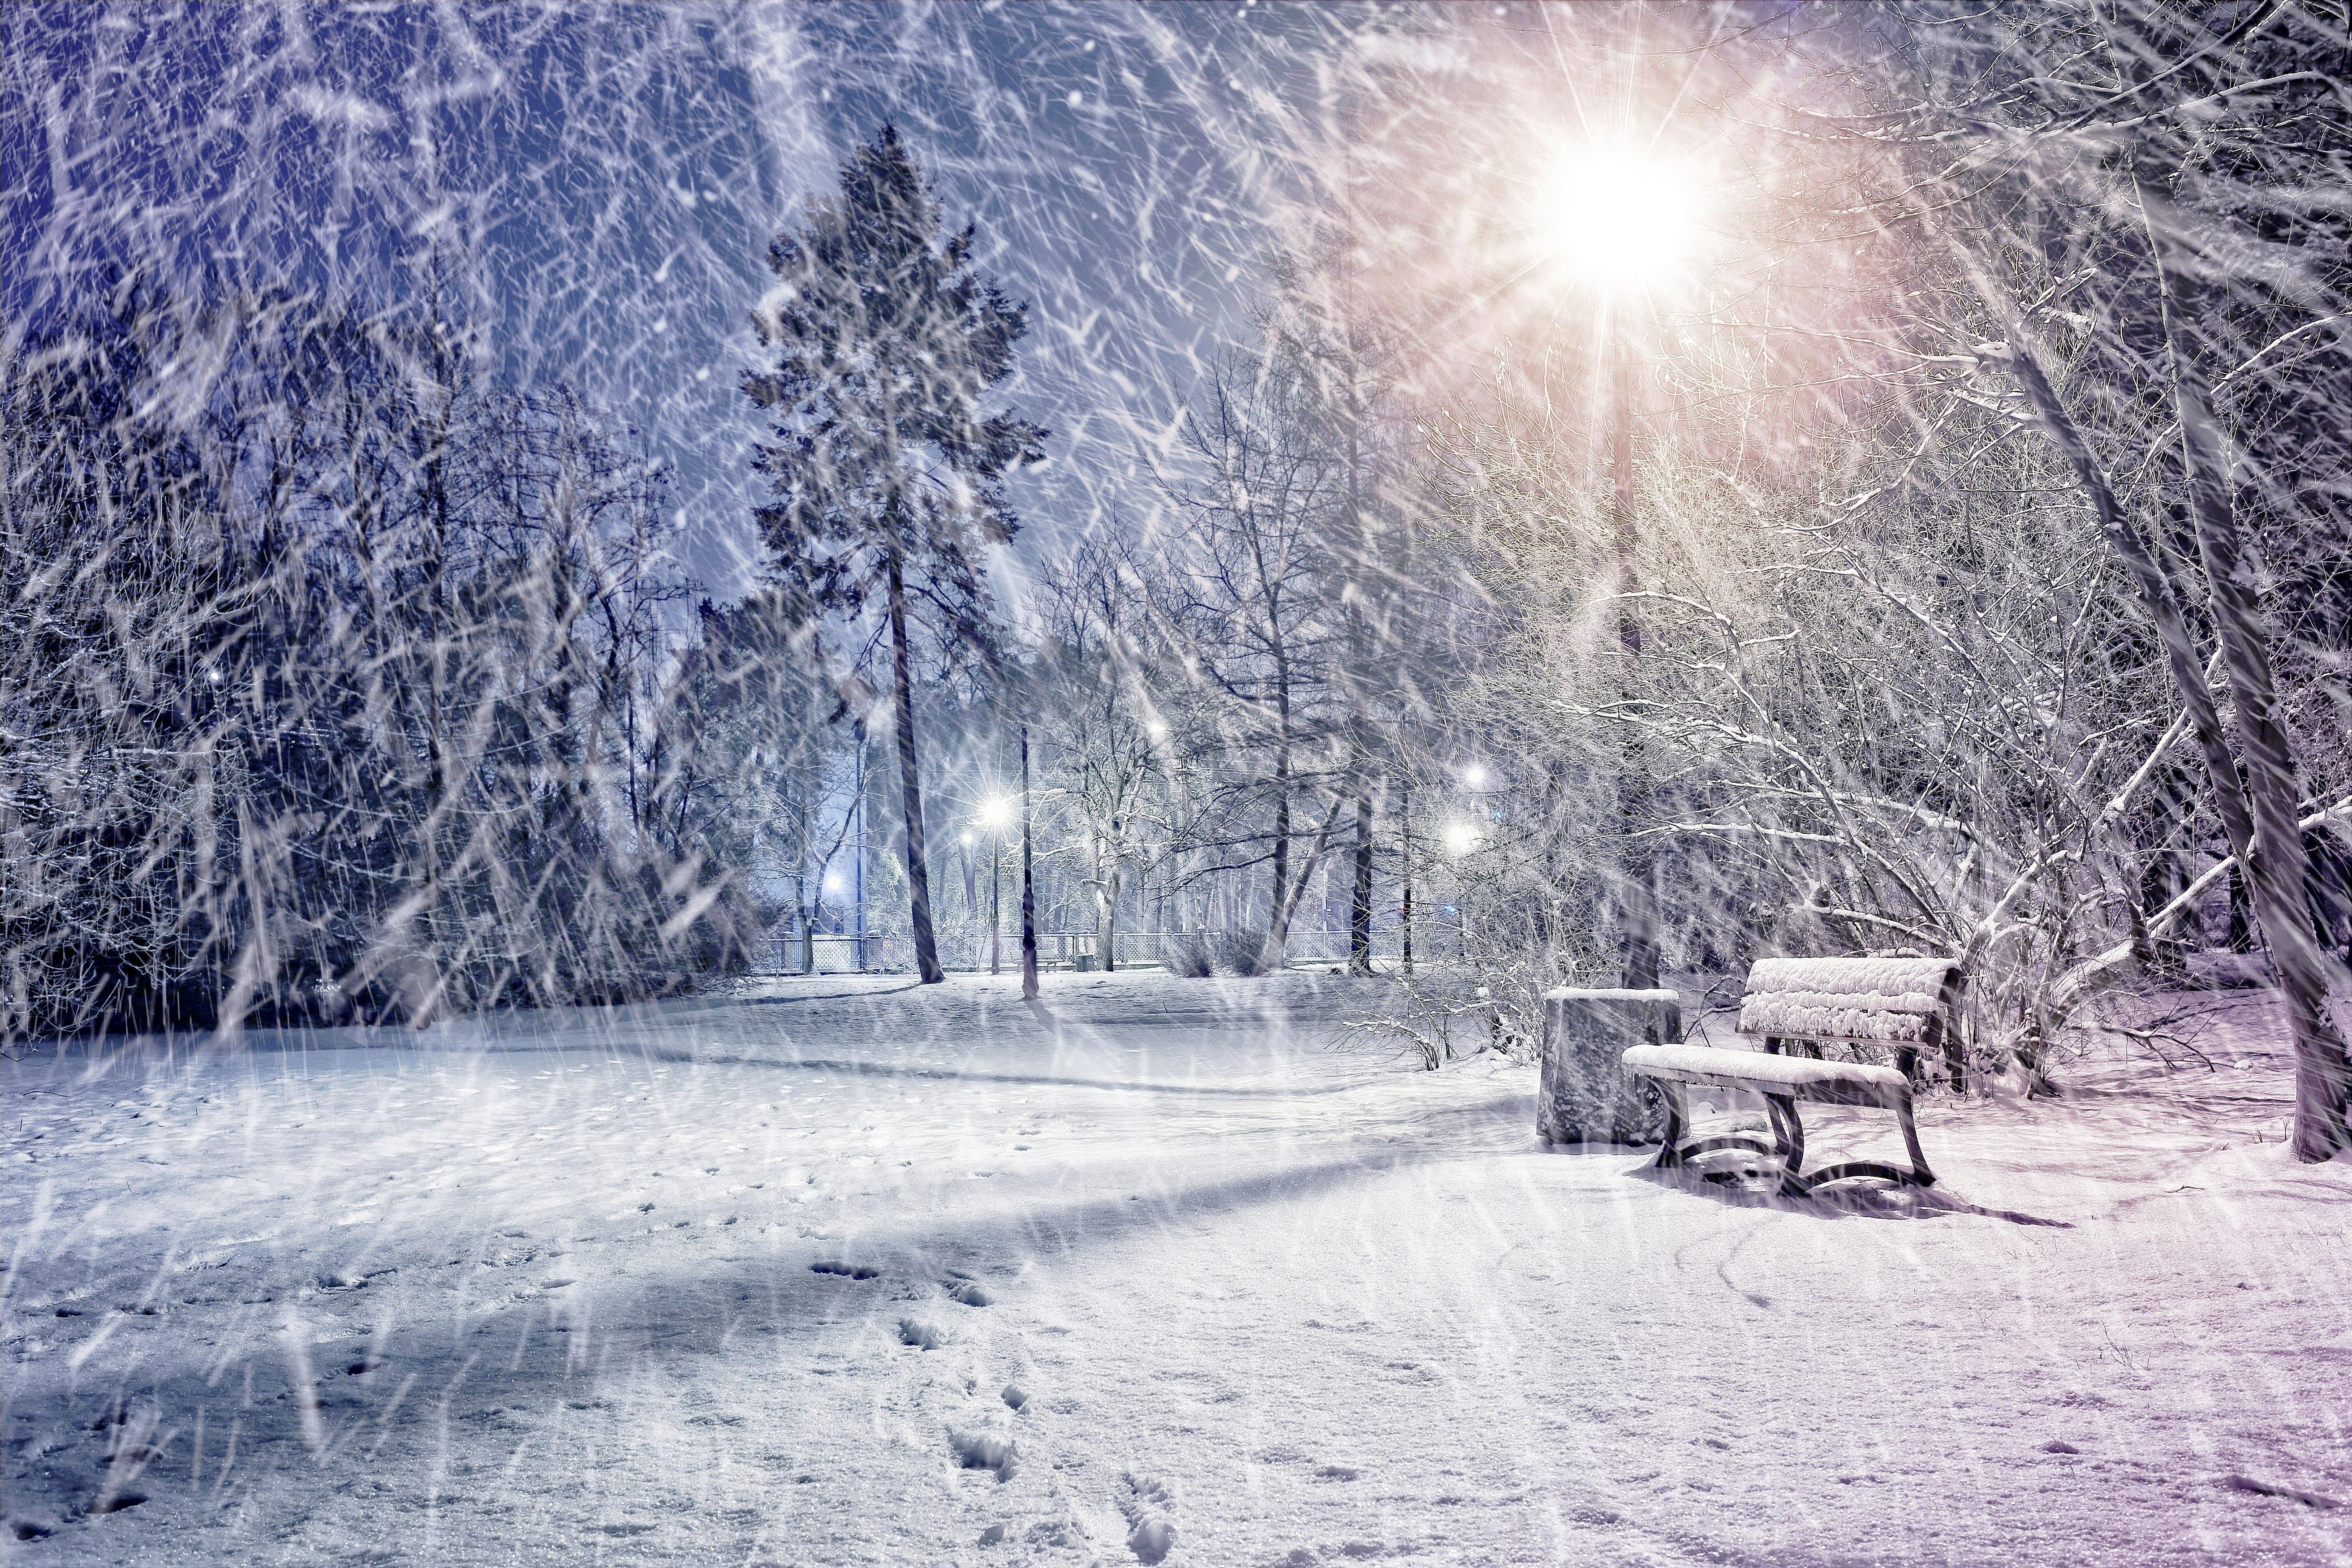 большой снегопад картинки поделитесь своей